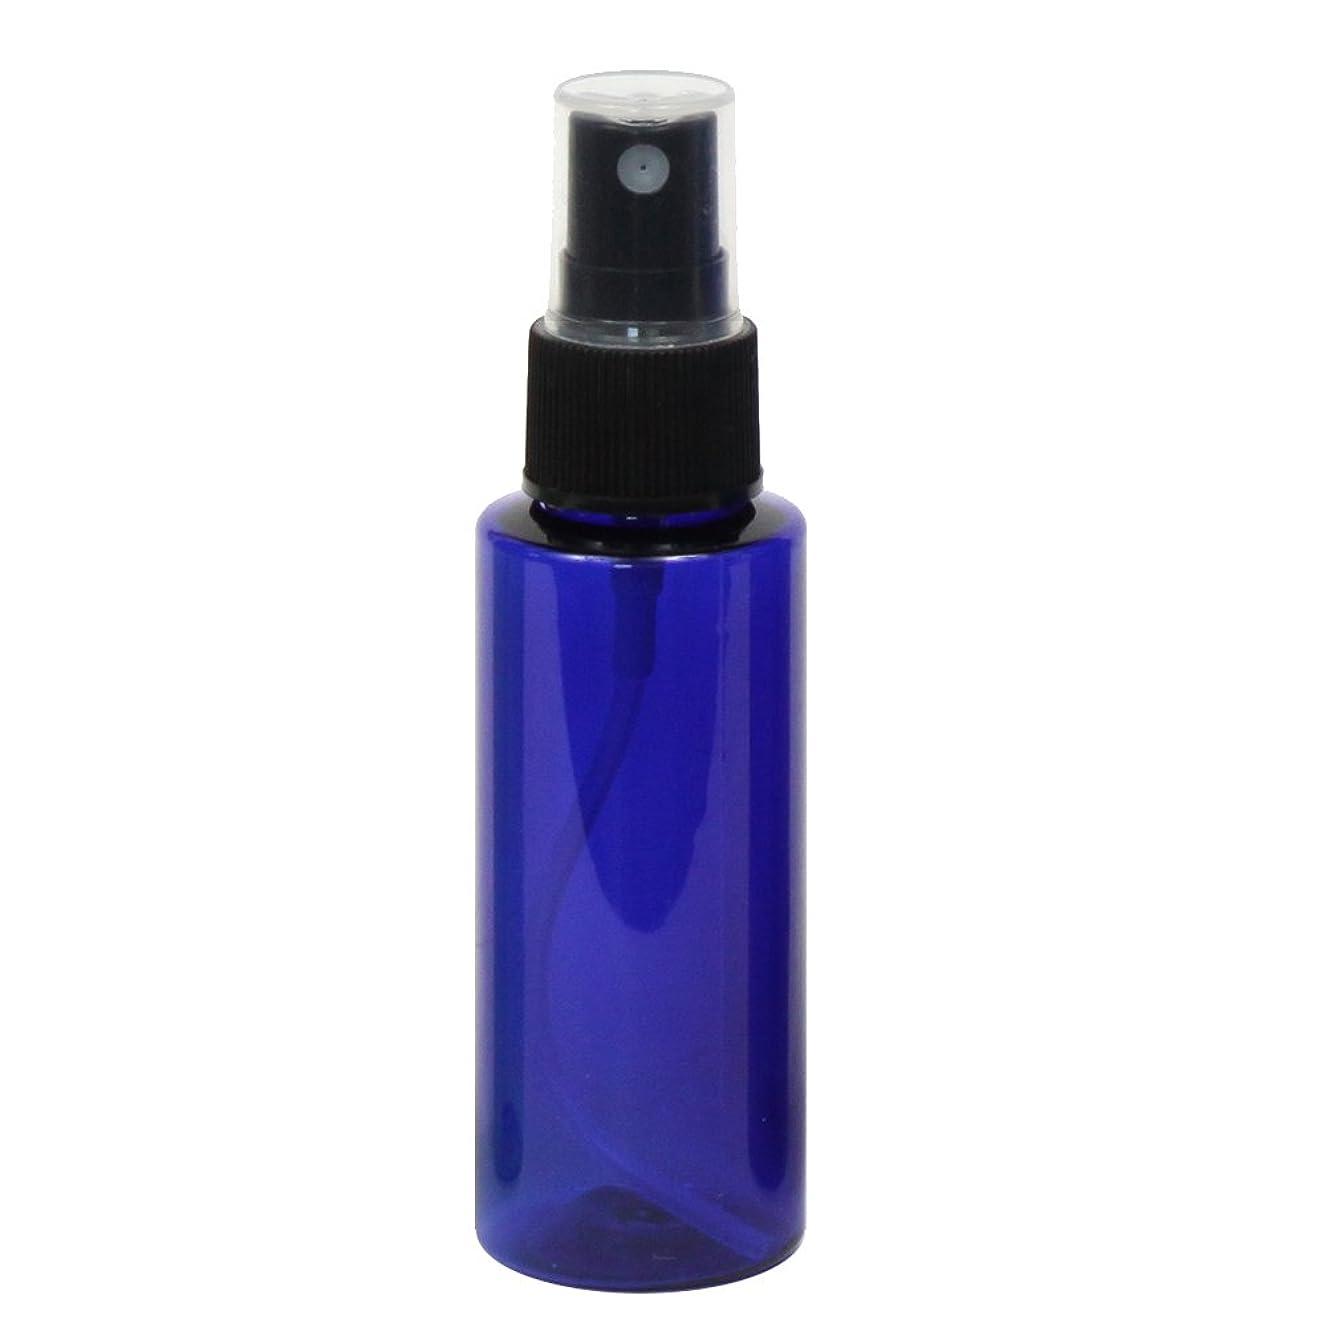 パスタ腐ったバケツスプレーボトル50mLブルー黒ヘッド1本ストレートペットボトル遮光性青色おしゃれ容器bu50sbk1